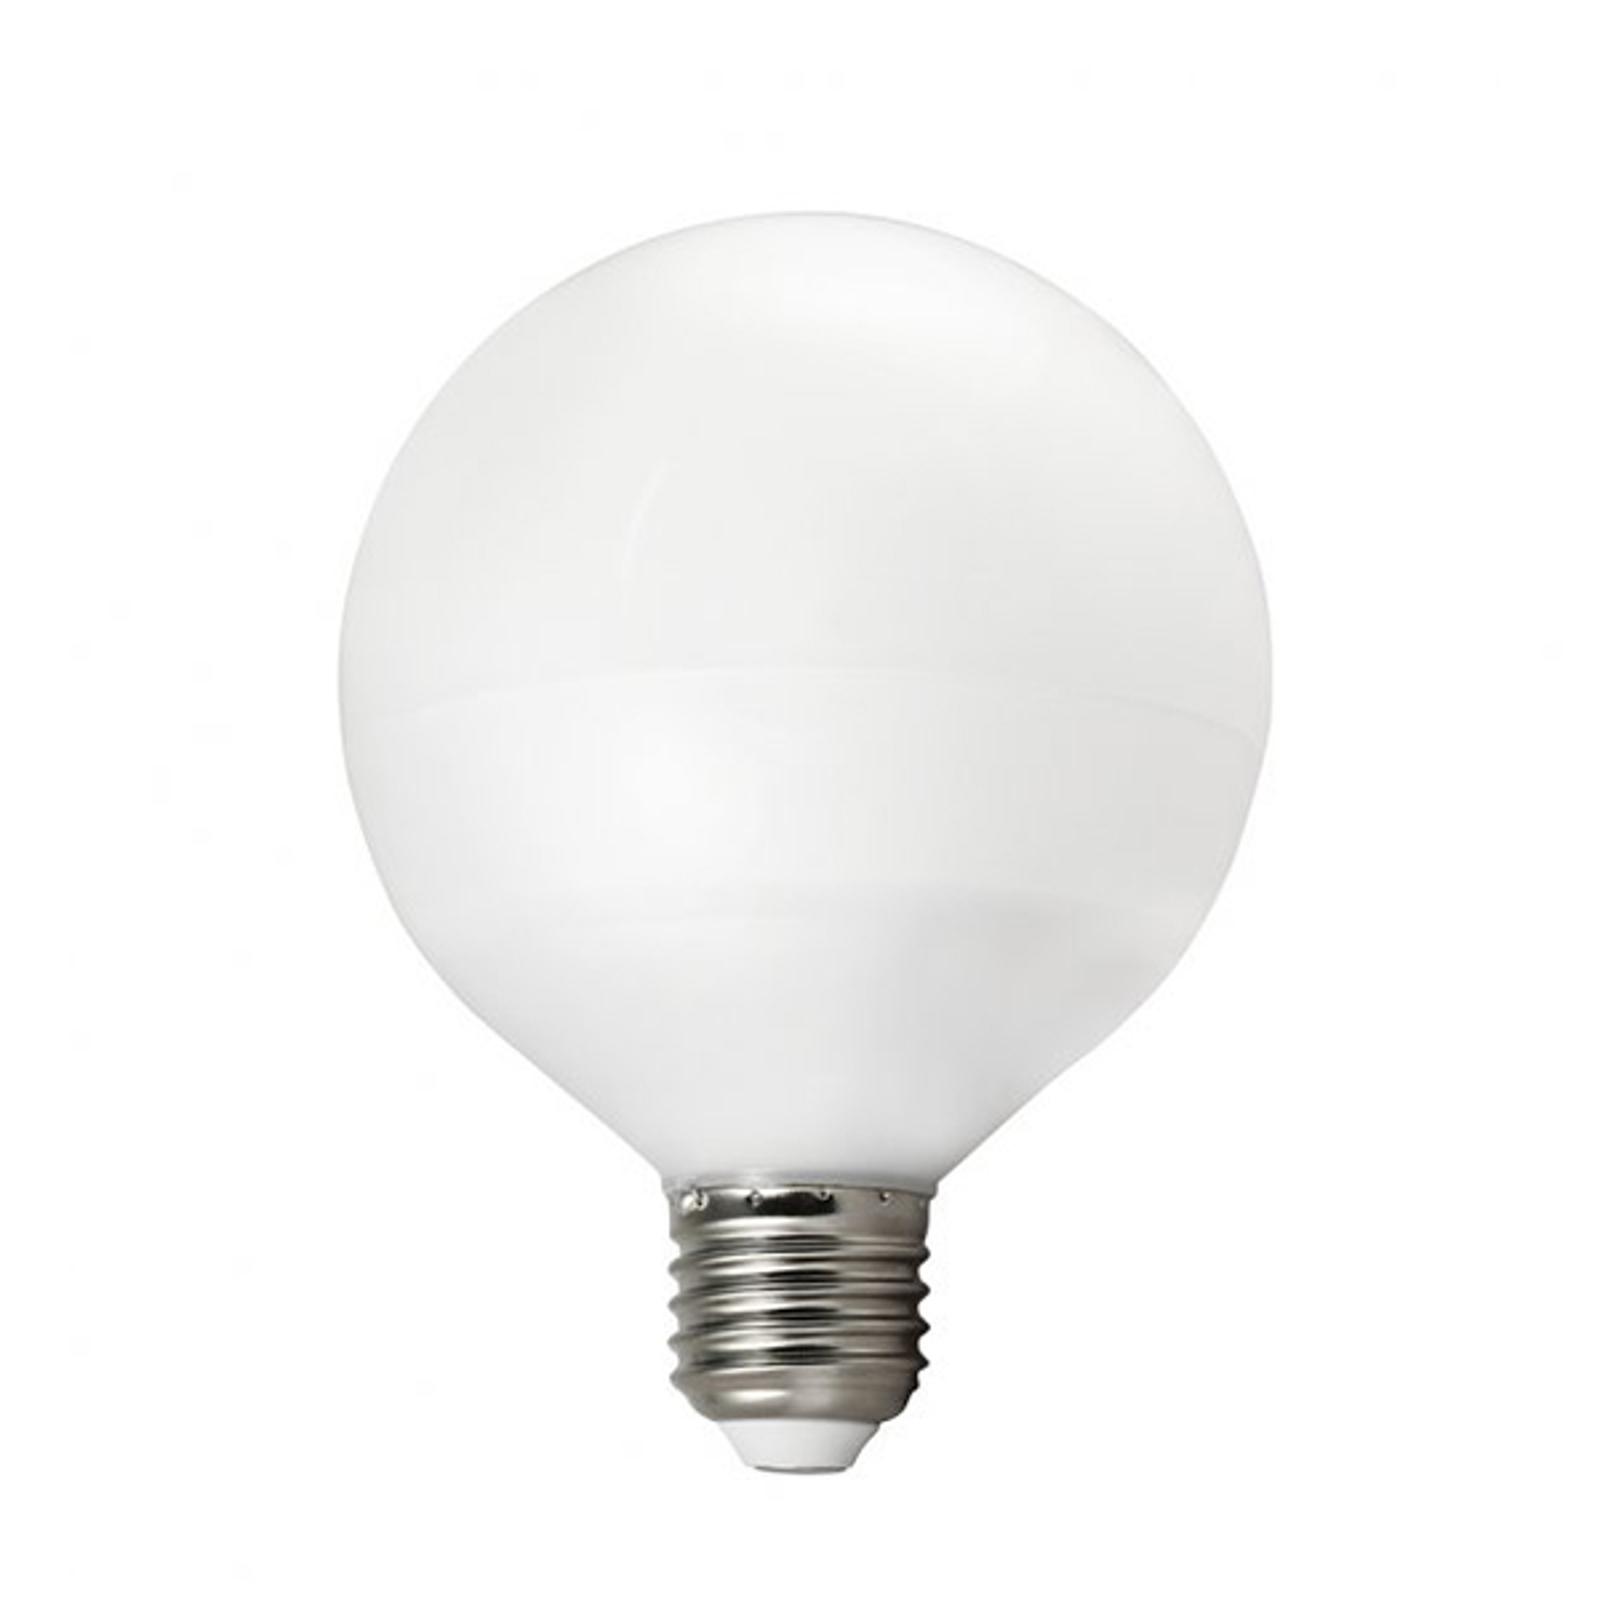 E27 13W 827 LED žárovka globe G95 teplá bílá